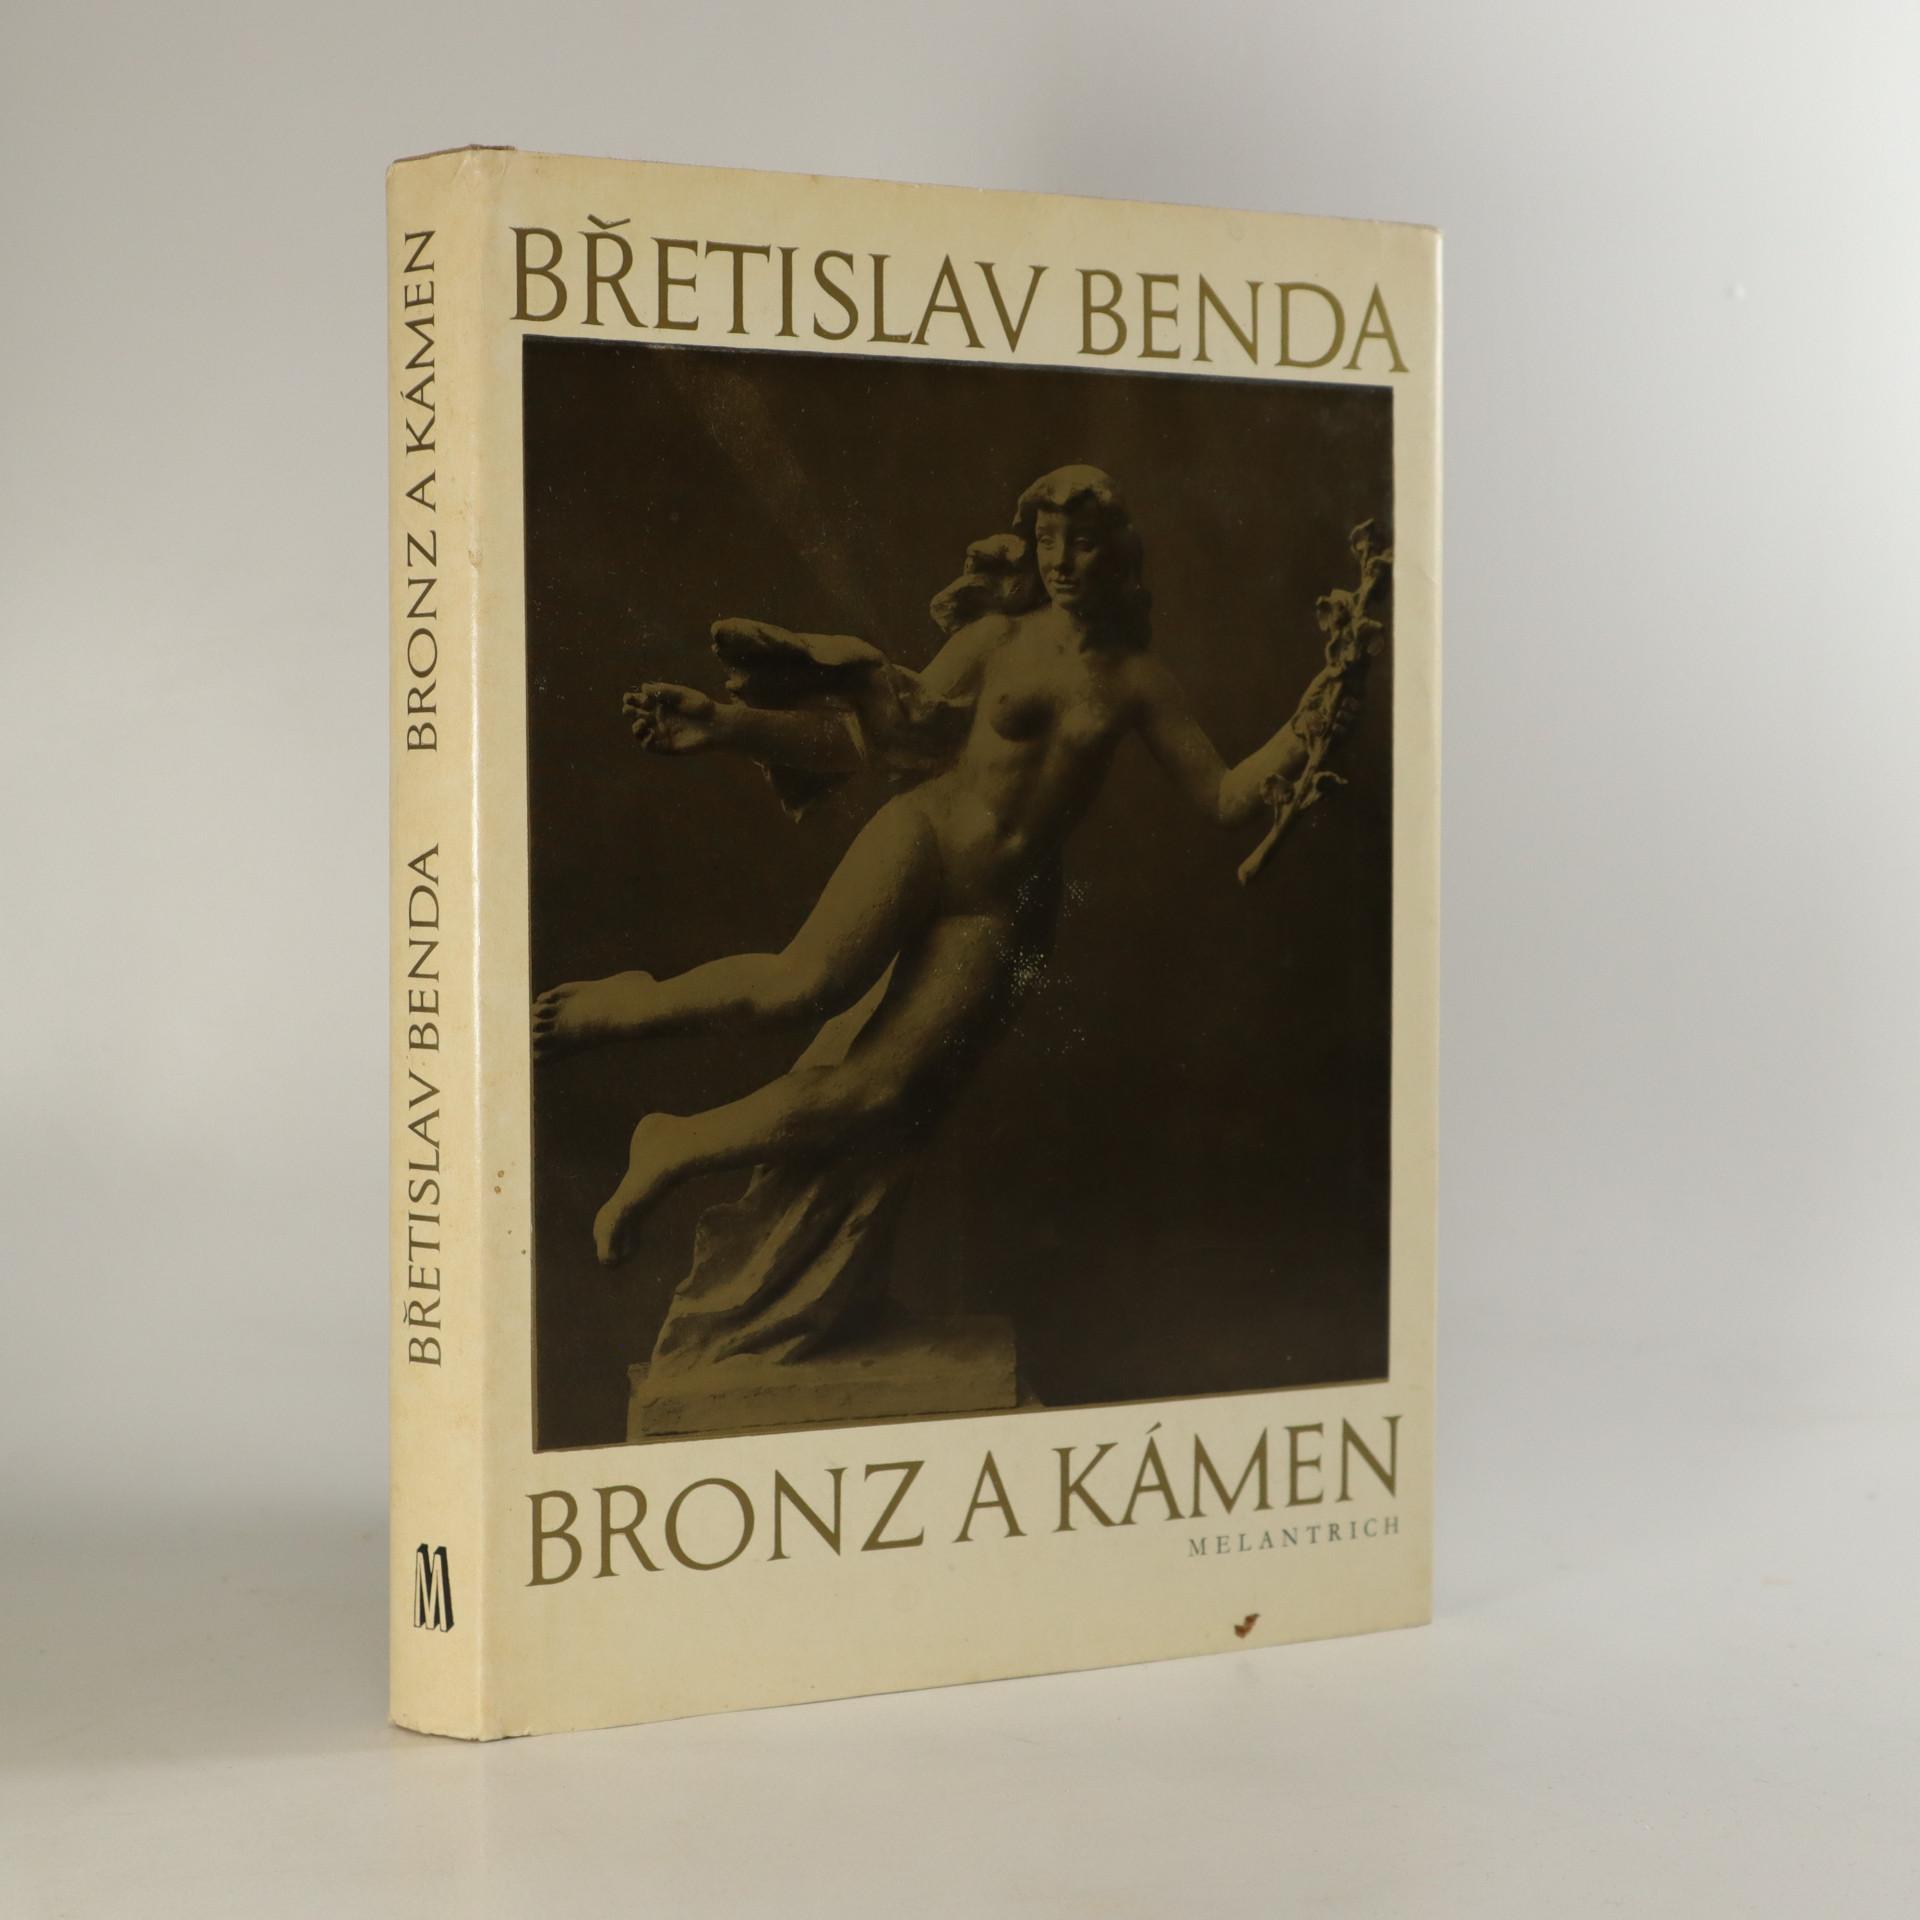 antikvární kniha Bronz a kámen. Hrst vzpomínek, 1982